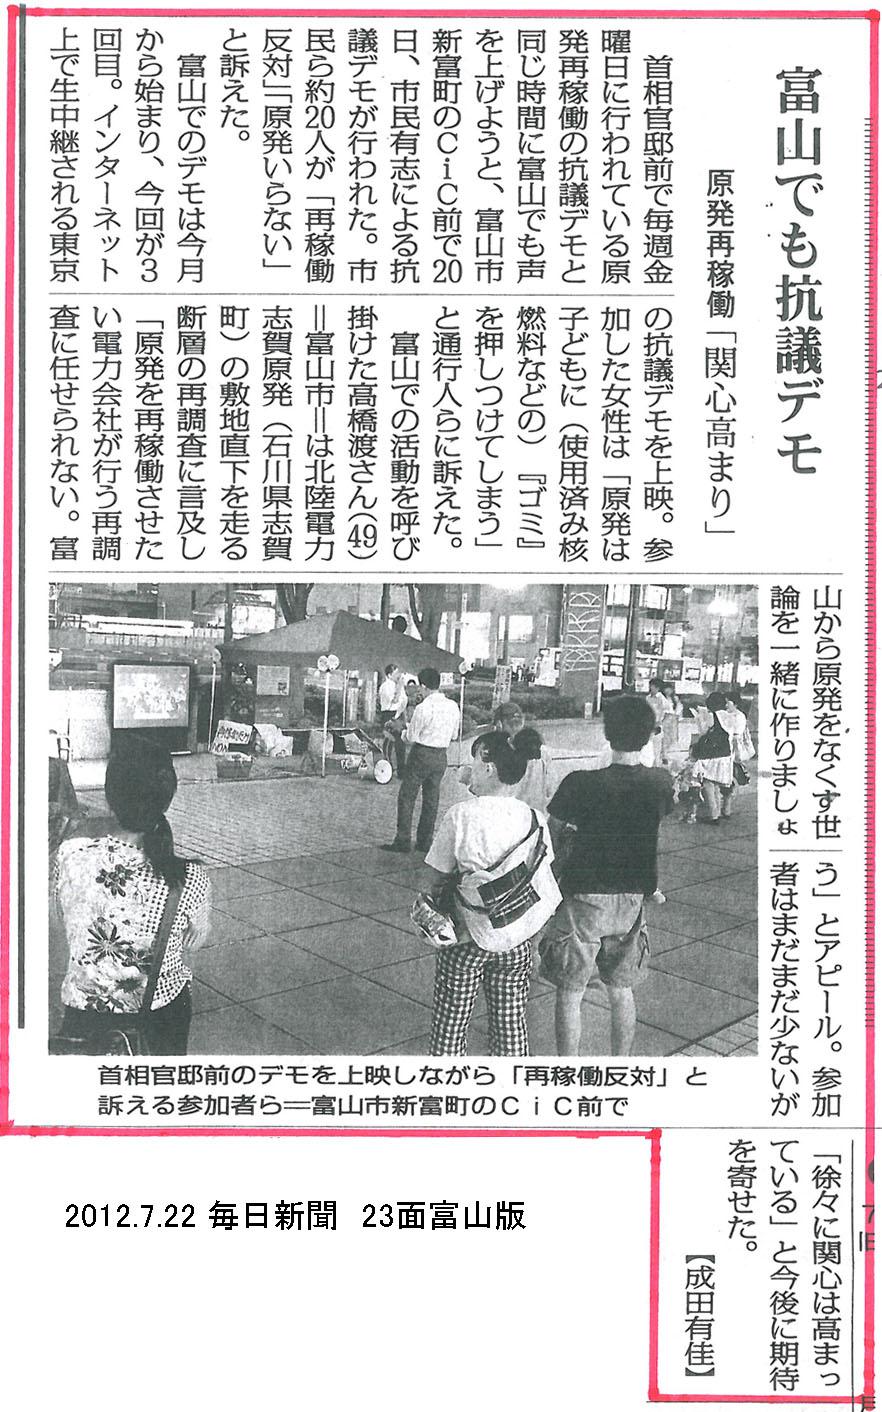 20120722毎日新聞富山版CiC前行動記事_02